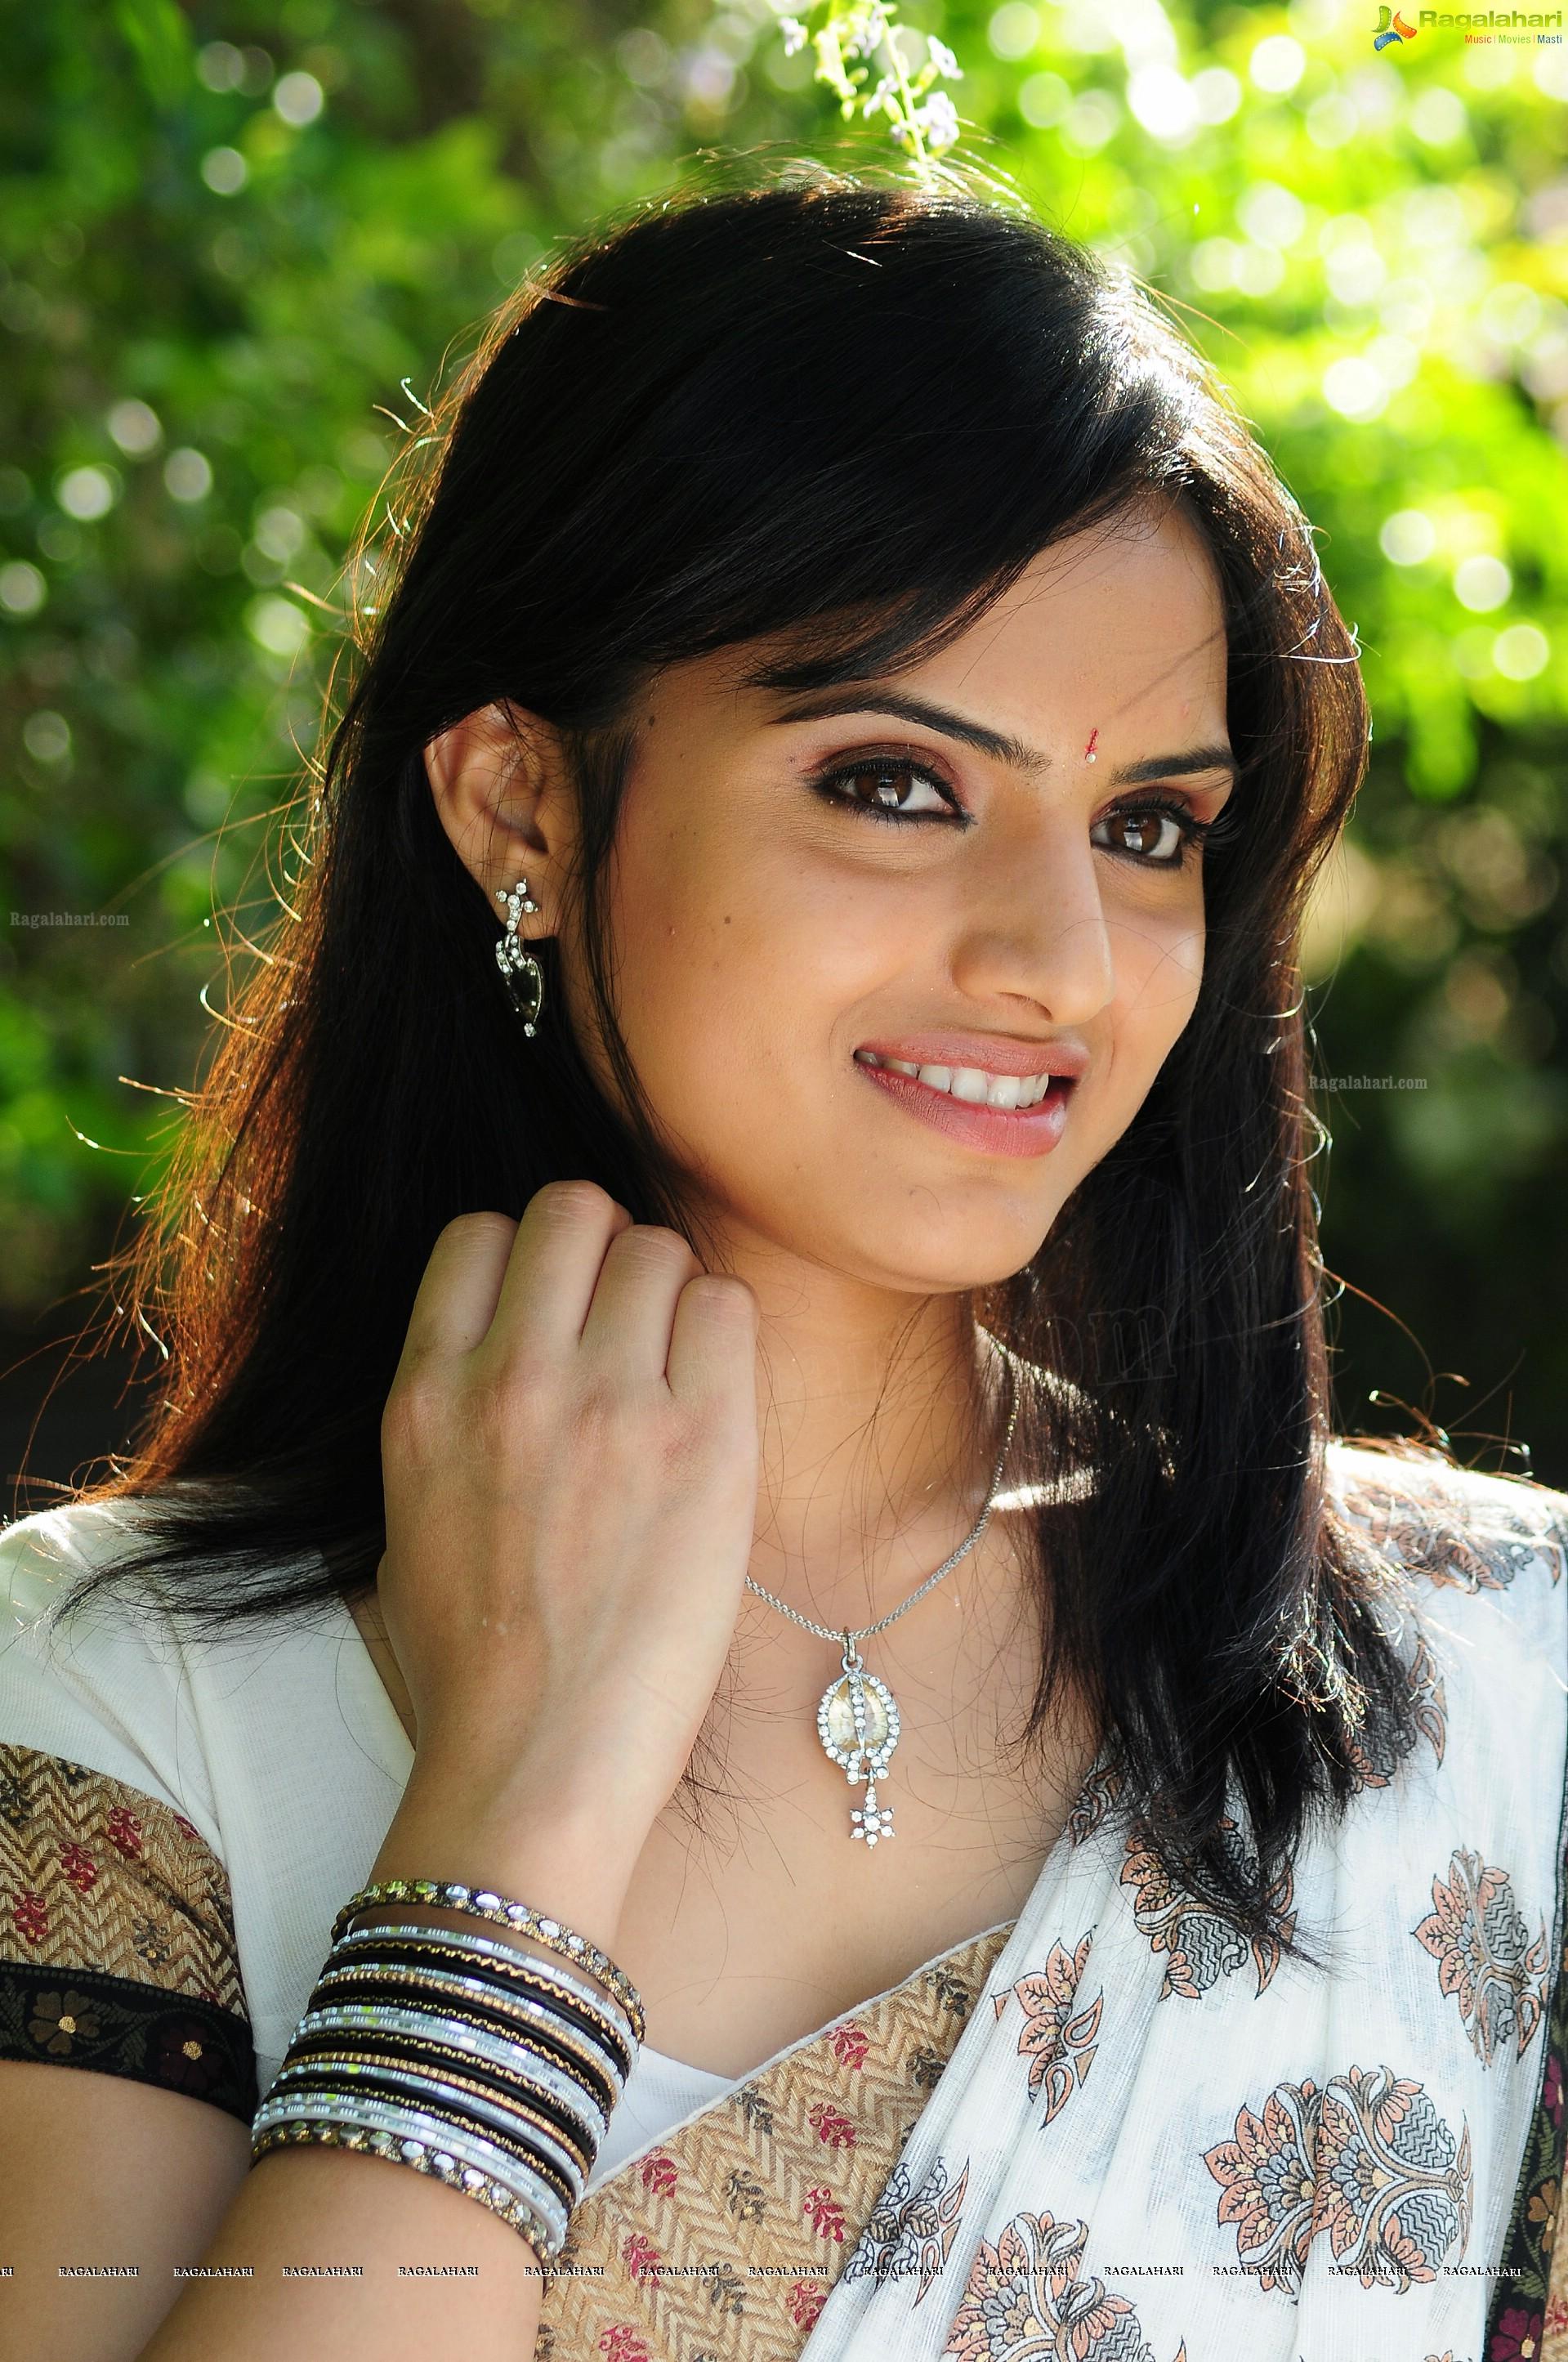 reetu kaur (hd) image 10 | telugu heroines photos,telugu movie